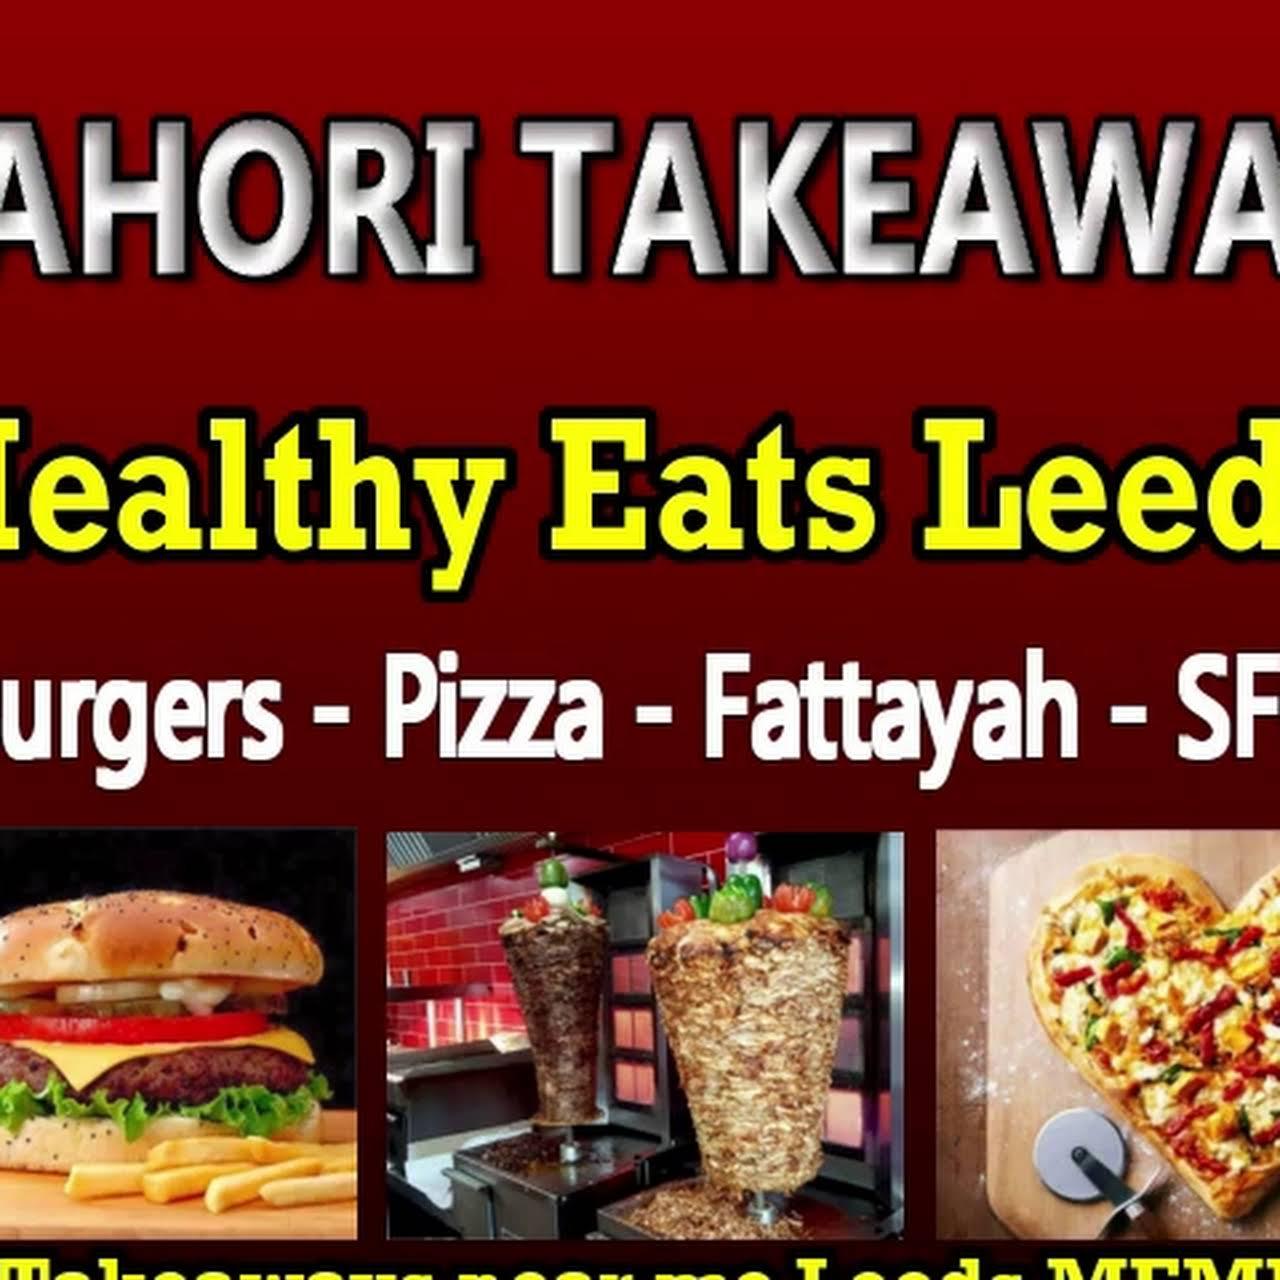 #1 Takeaways near me - takeaways restaurants near me ...